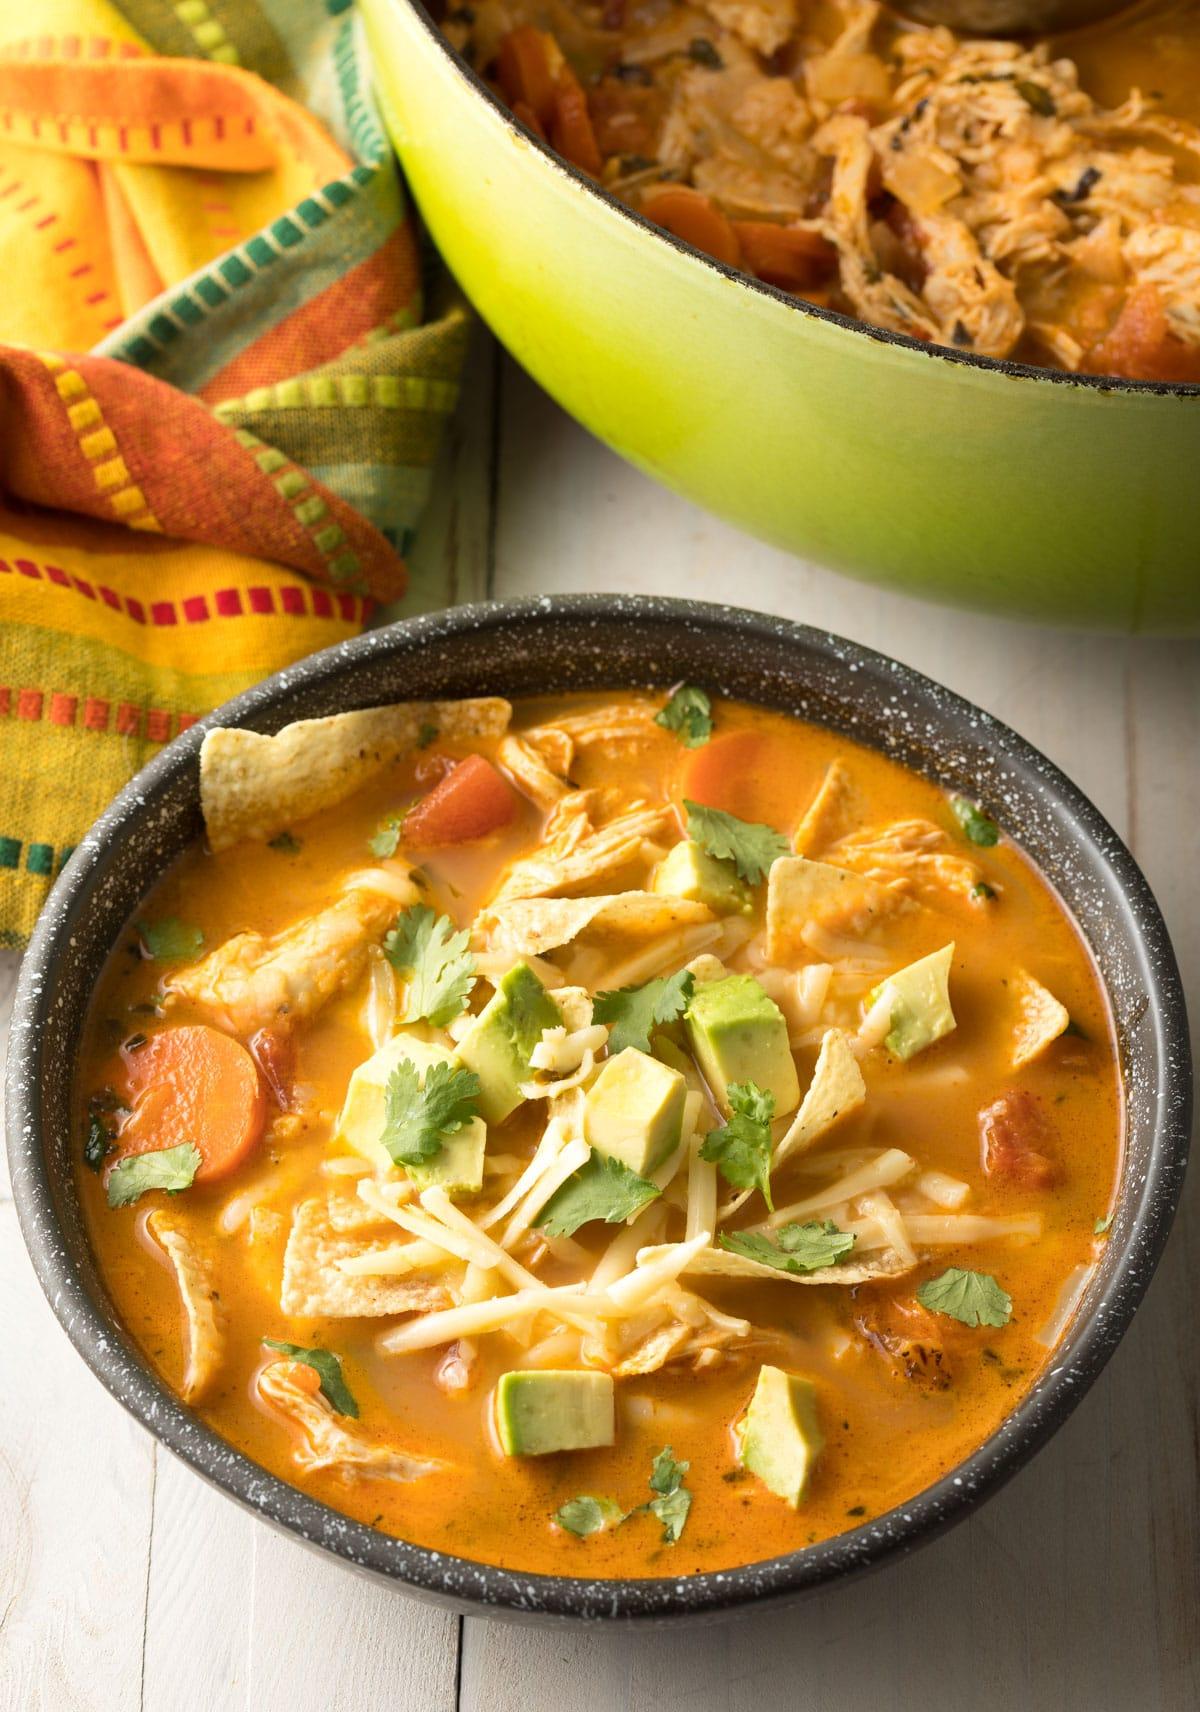 Best Chicken Tortilla Soup Recipe #ASpicyPerspective  #instantpot #slowcooker